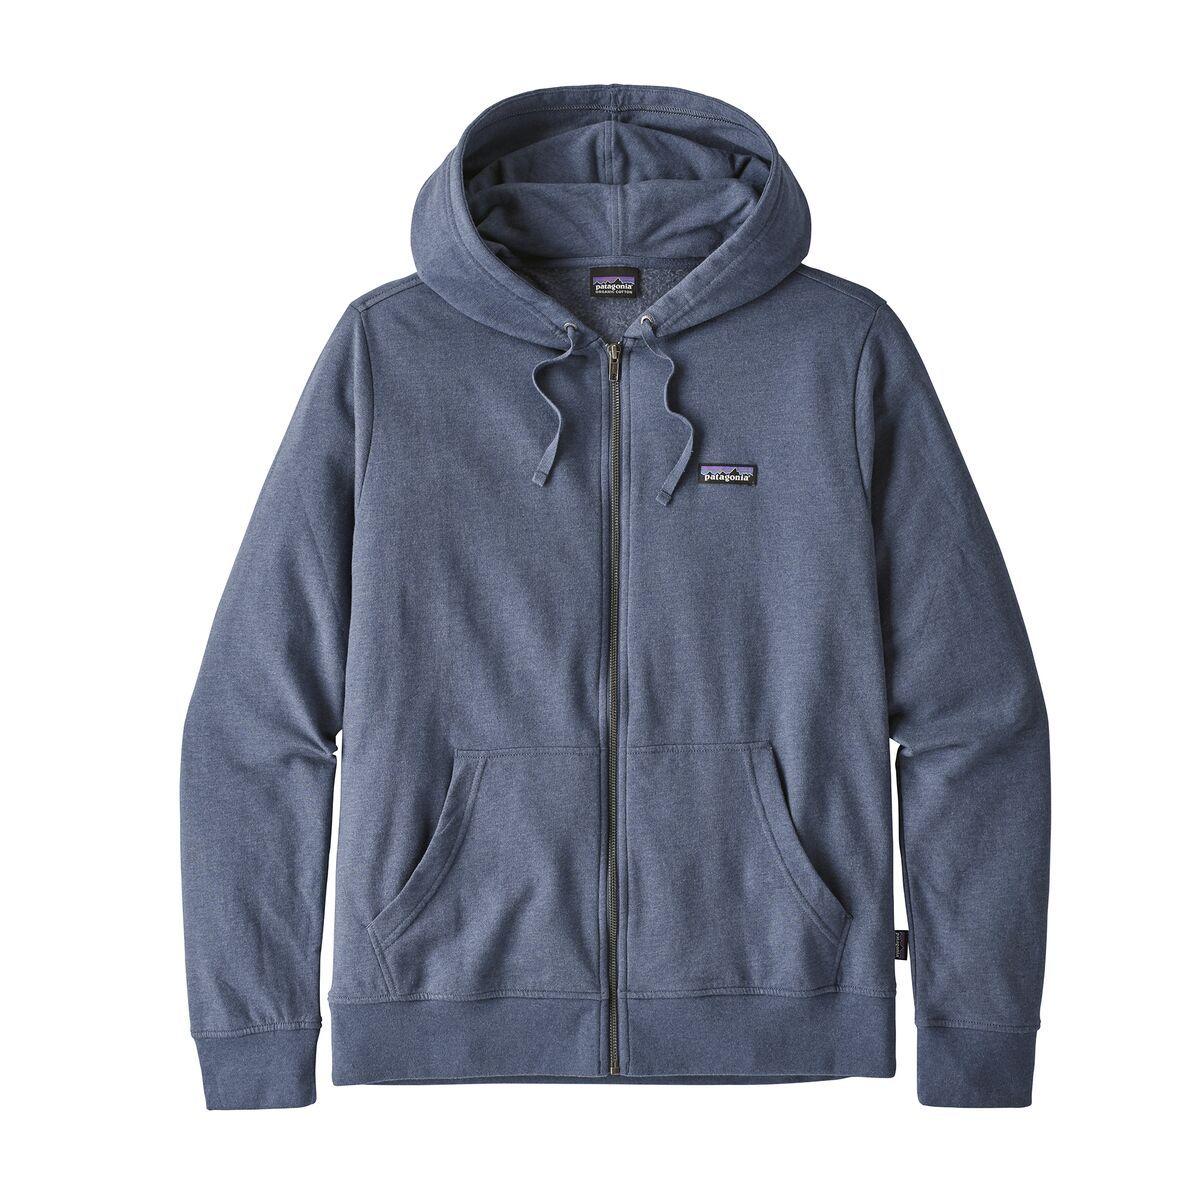 Men's P 6 Label Lightweight Full Zip Hoody | Full zip hoodie